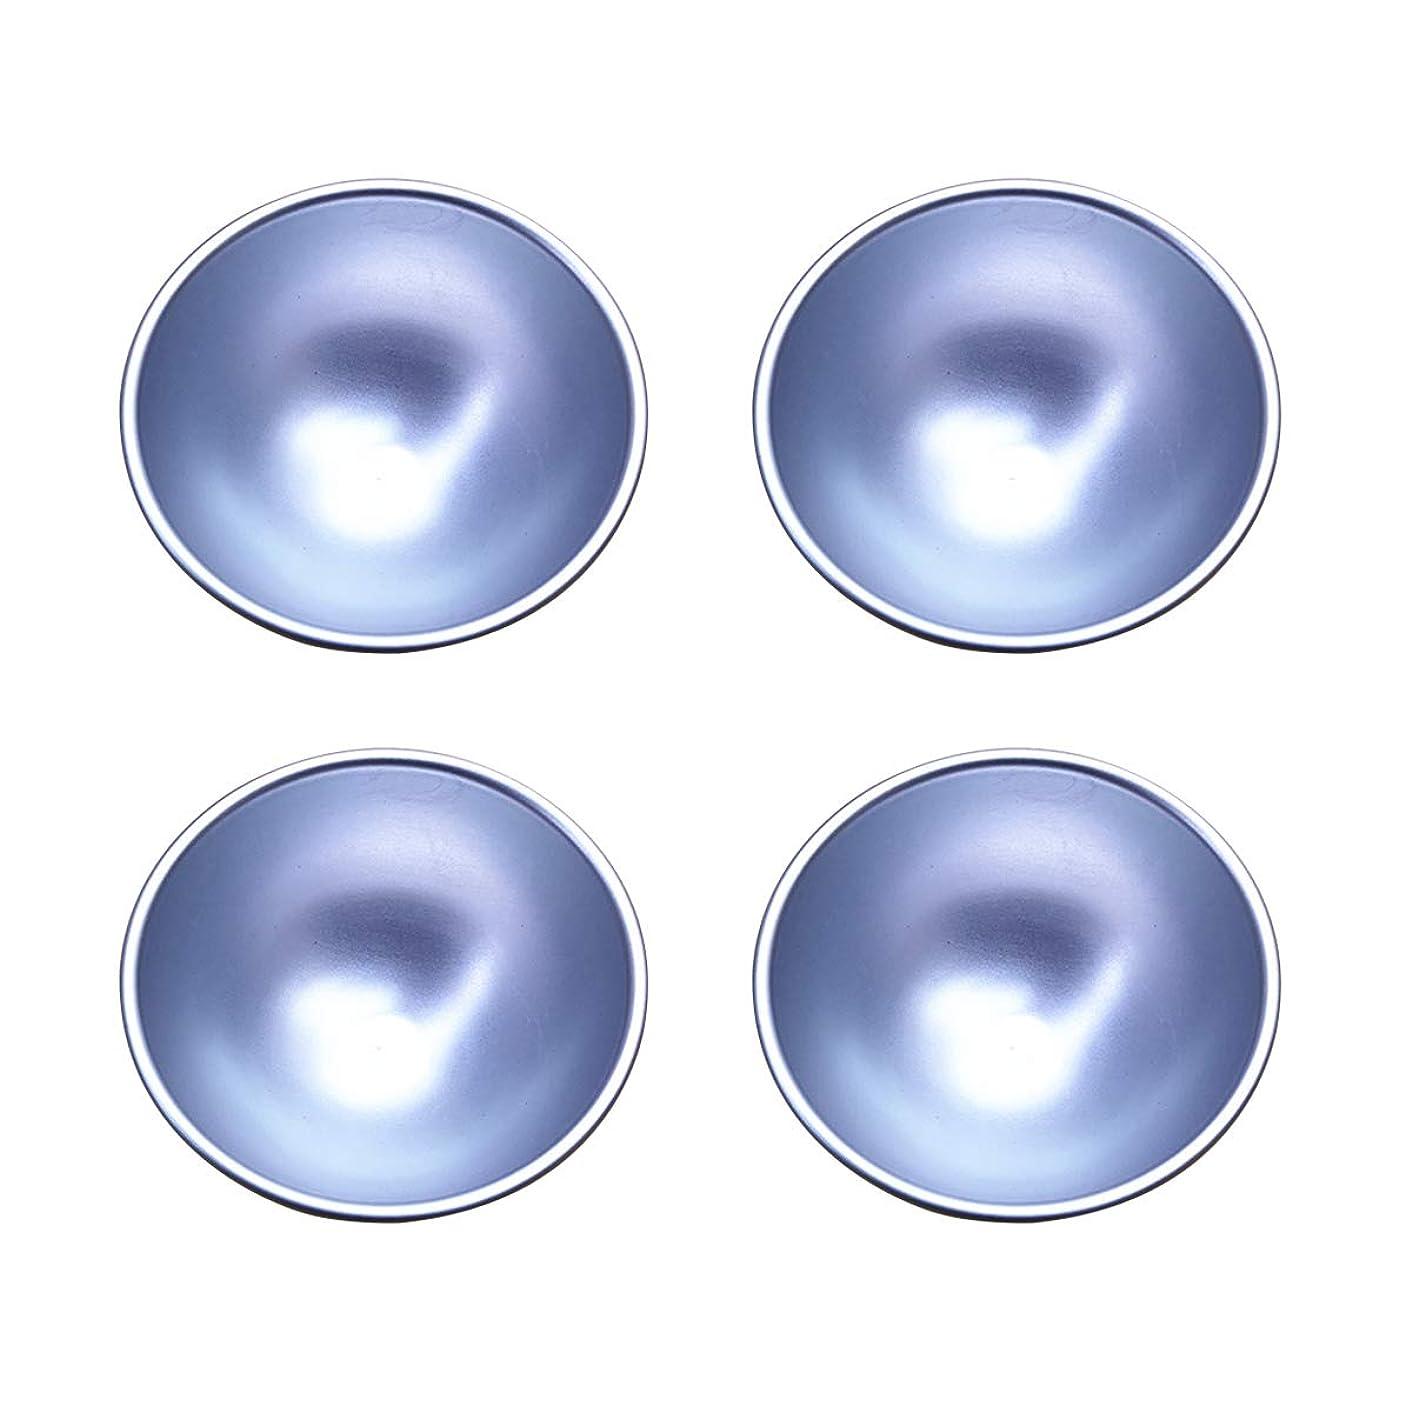 騒乱主張する闇BESTONZON 4ピースケーキ型アルミハーフボール形状焦げ付き防止耐熱皿マフィンパン型ケーキトレイ45×2cm